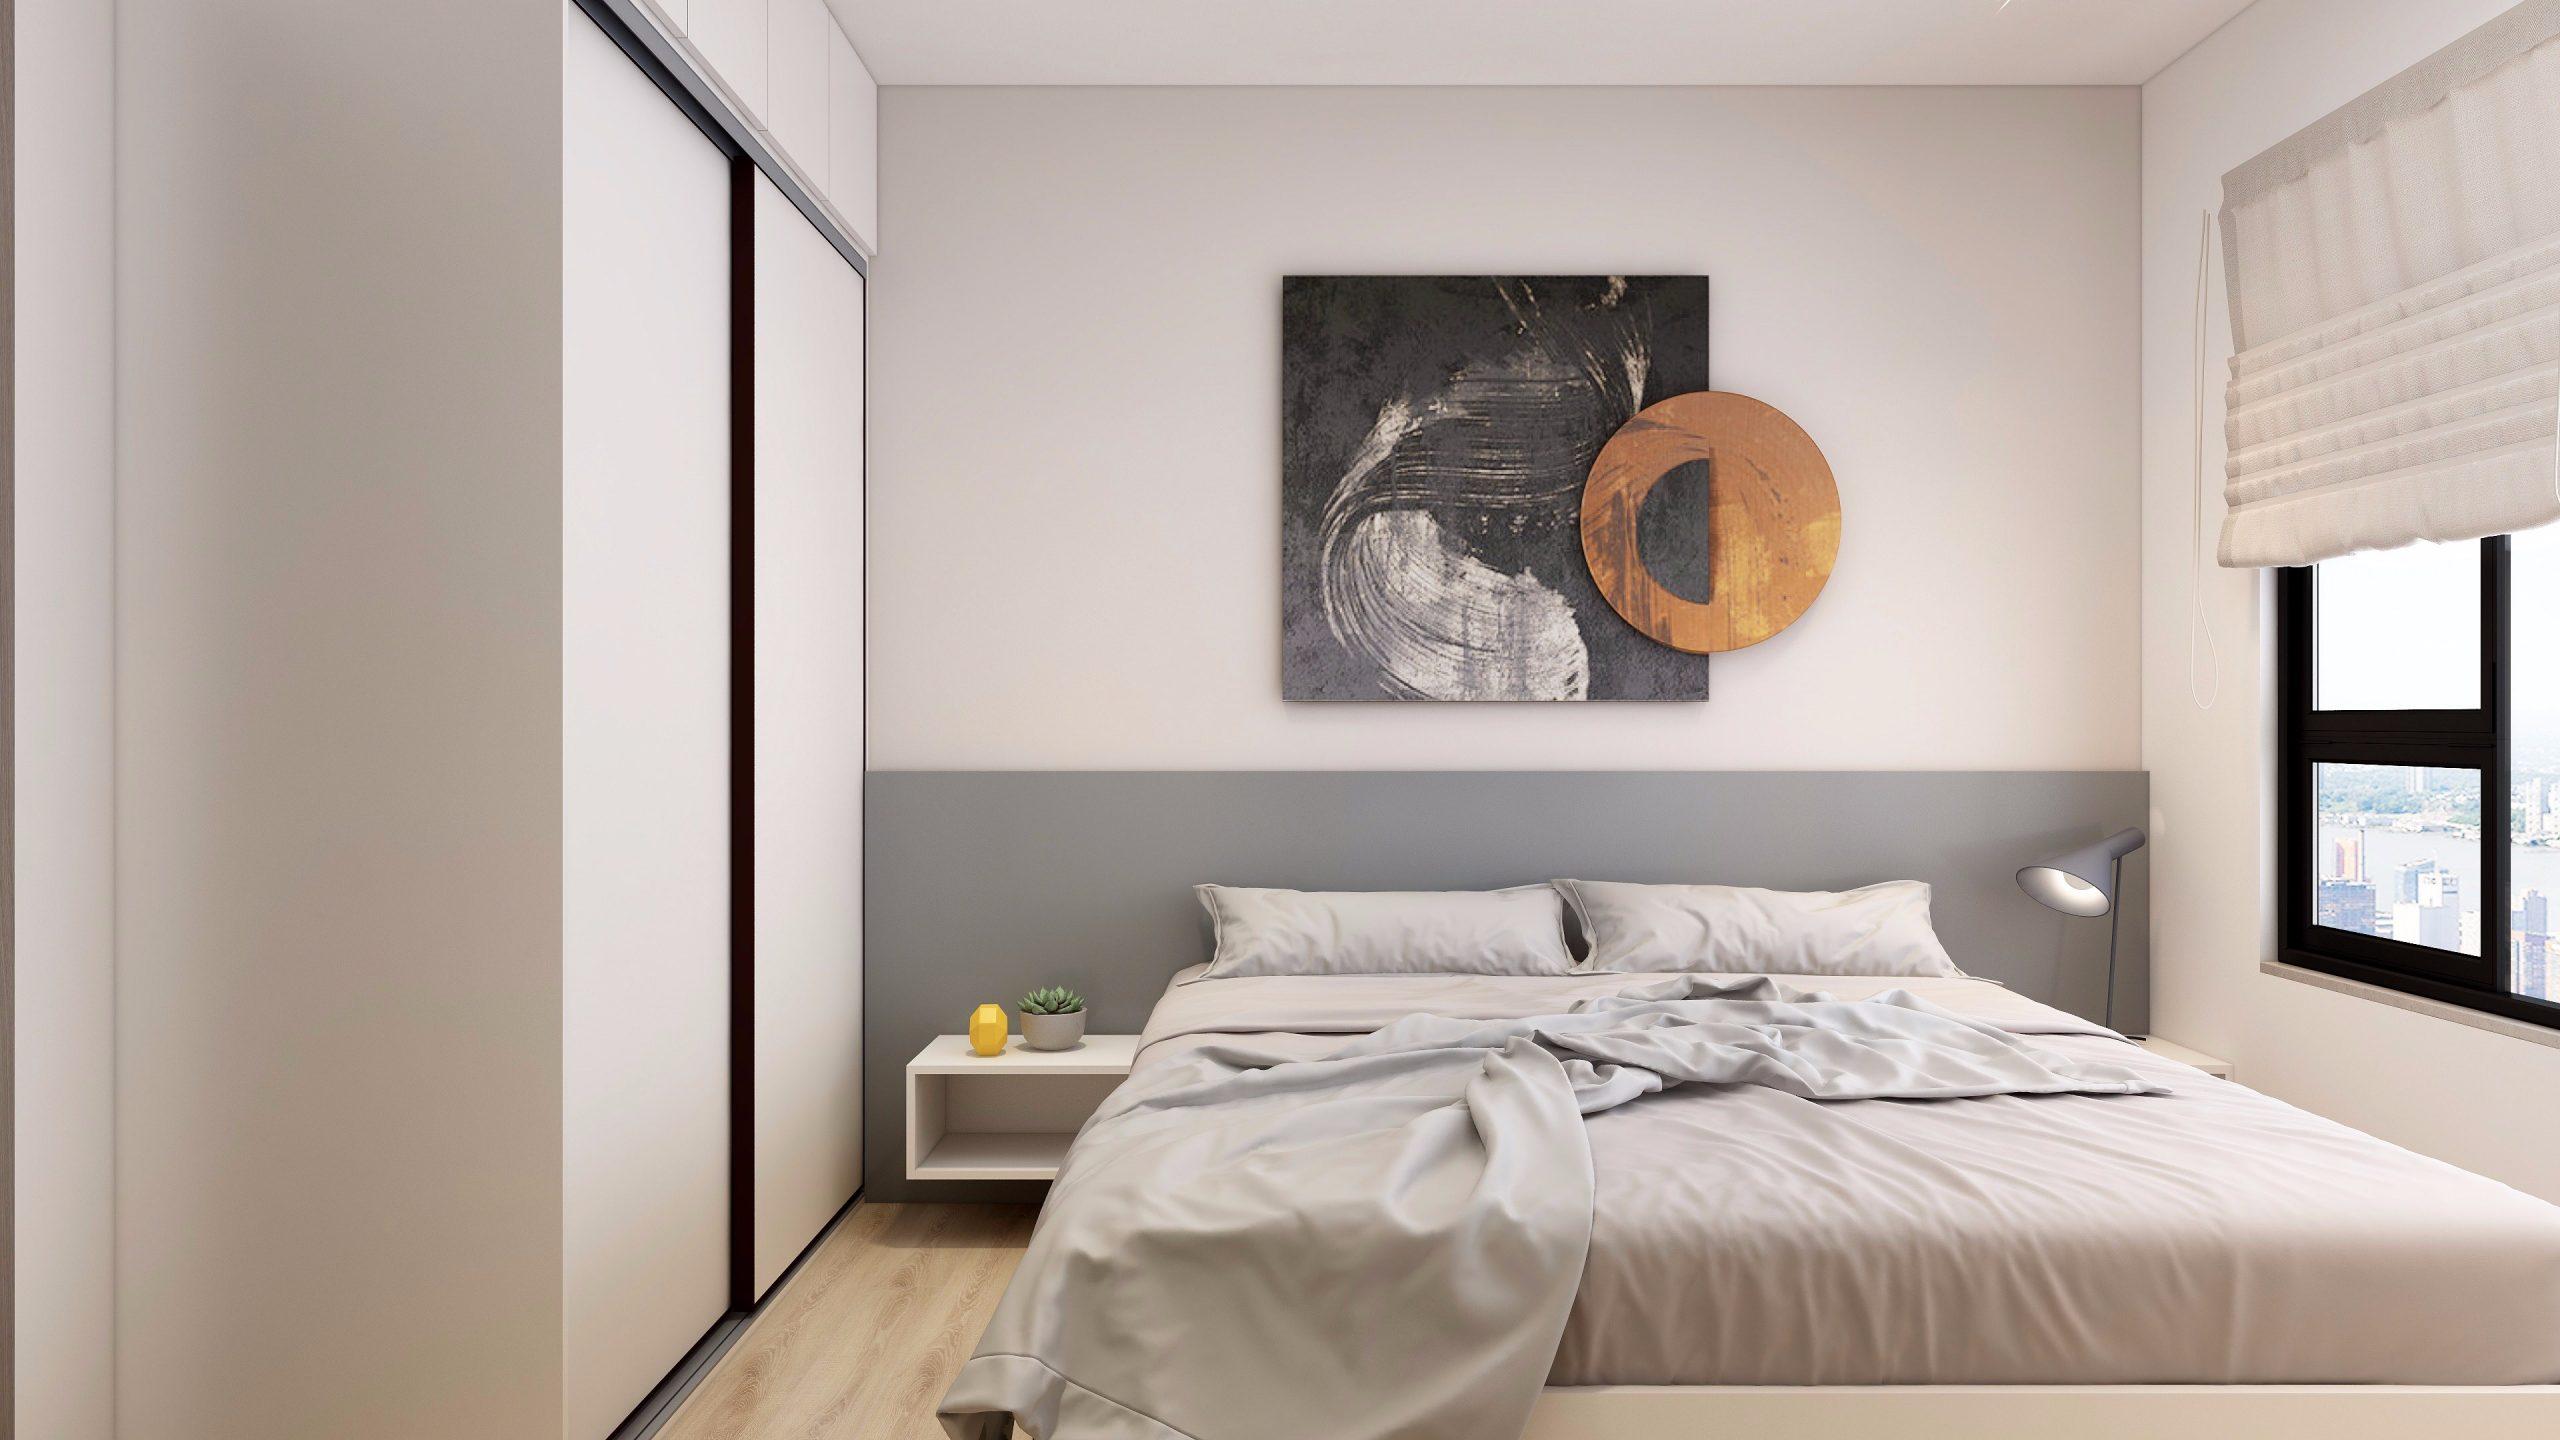 Giường ngủ cùng tông màu trắng chủ đạo của căn phòng được bao phủ khắp các đồ nội thất, mang đến vẻ đẹp vừa hiện đại, vừa thuần khiết.